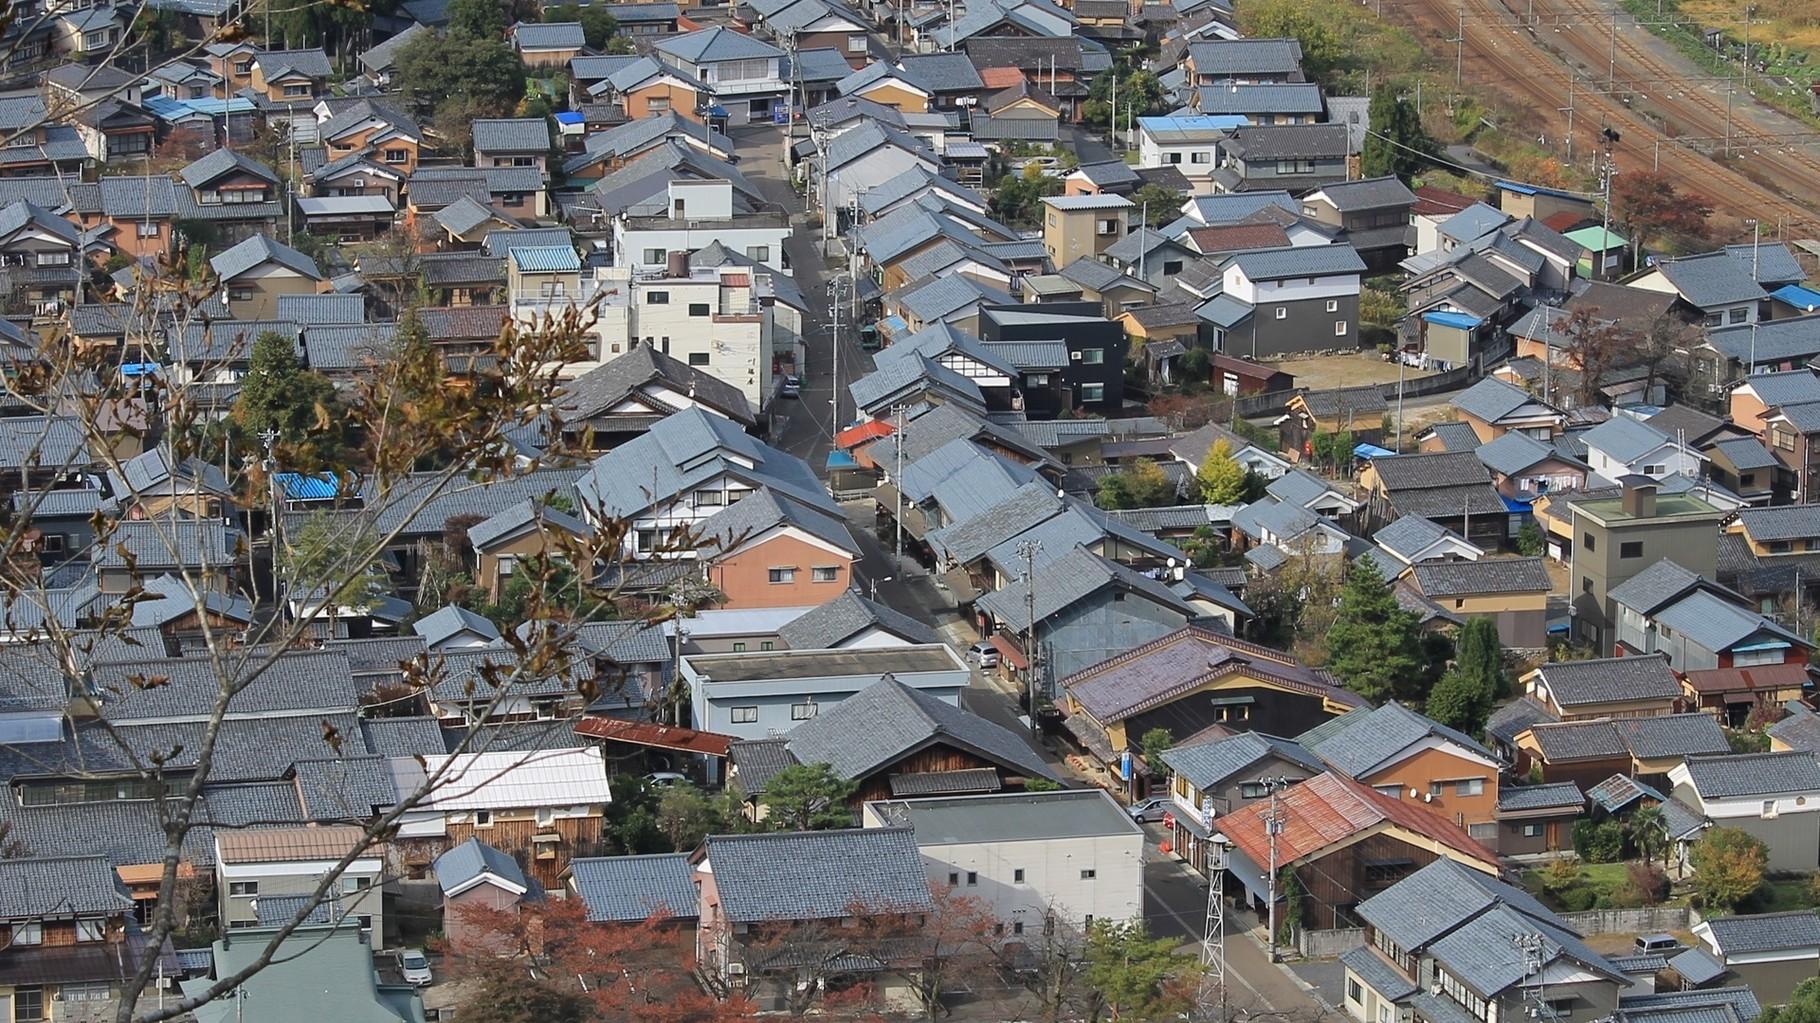 街道沿いに家屋が建ち並ぶ今庄宿